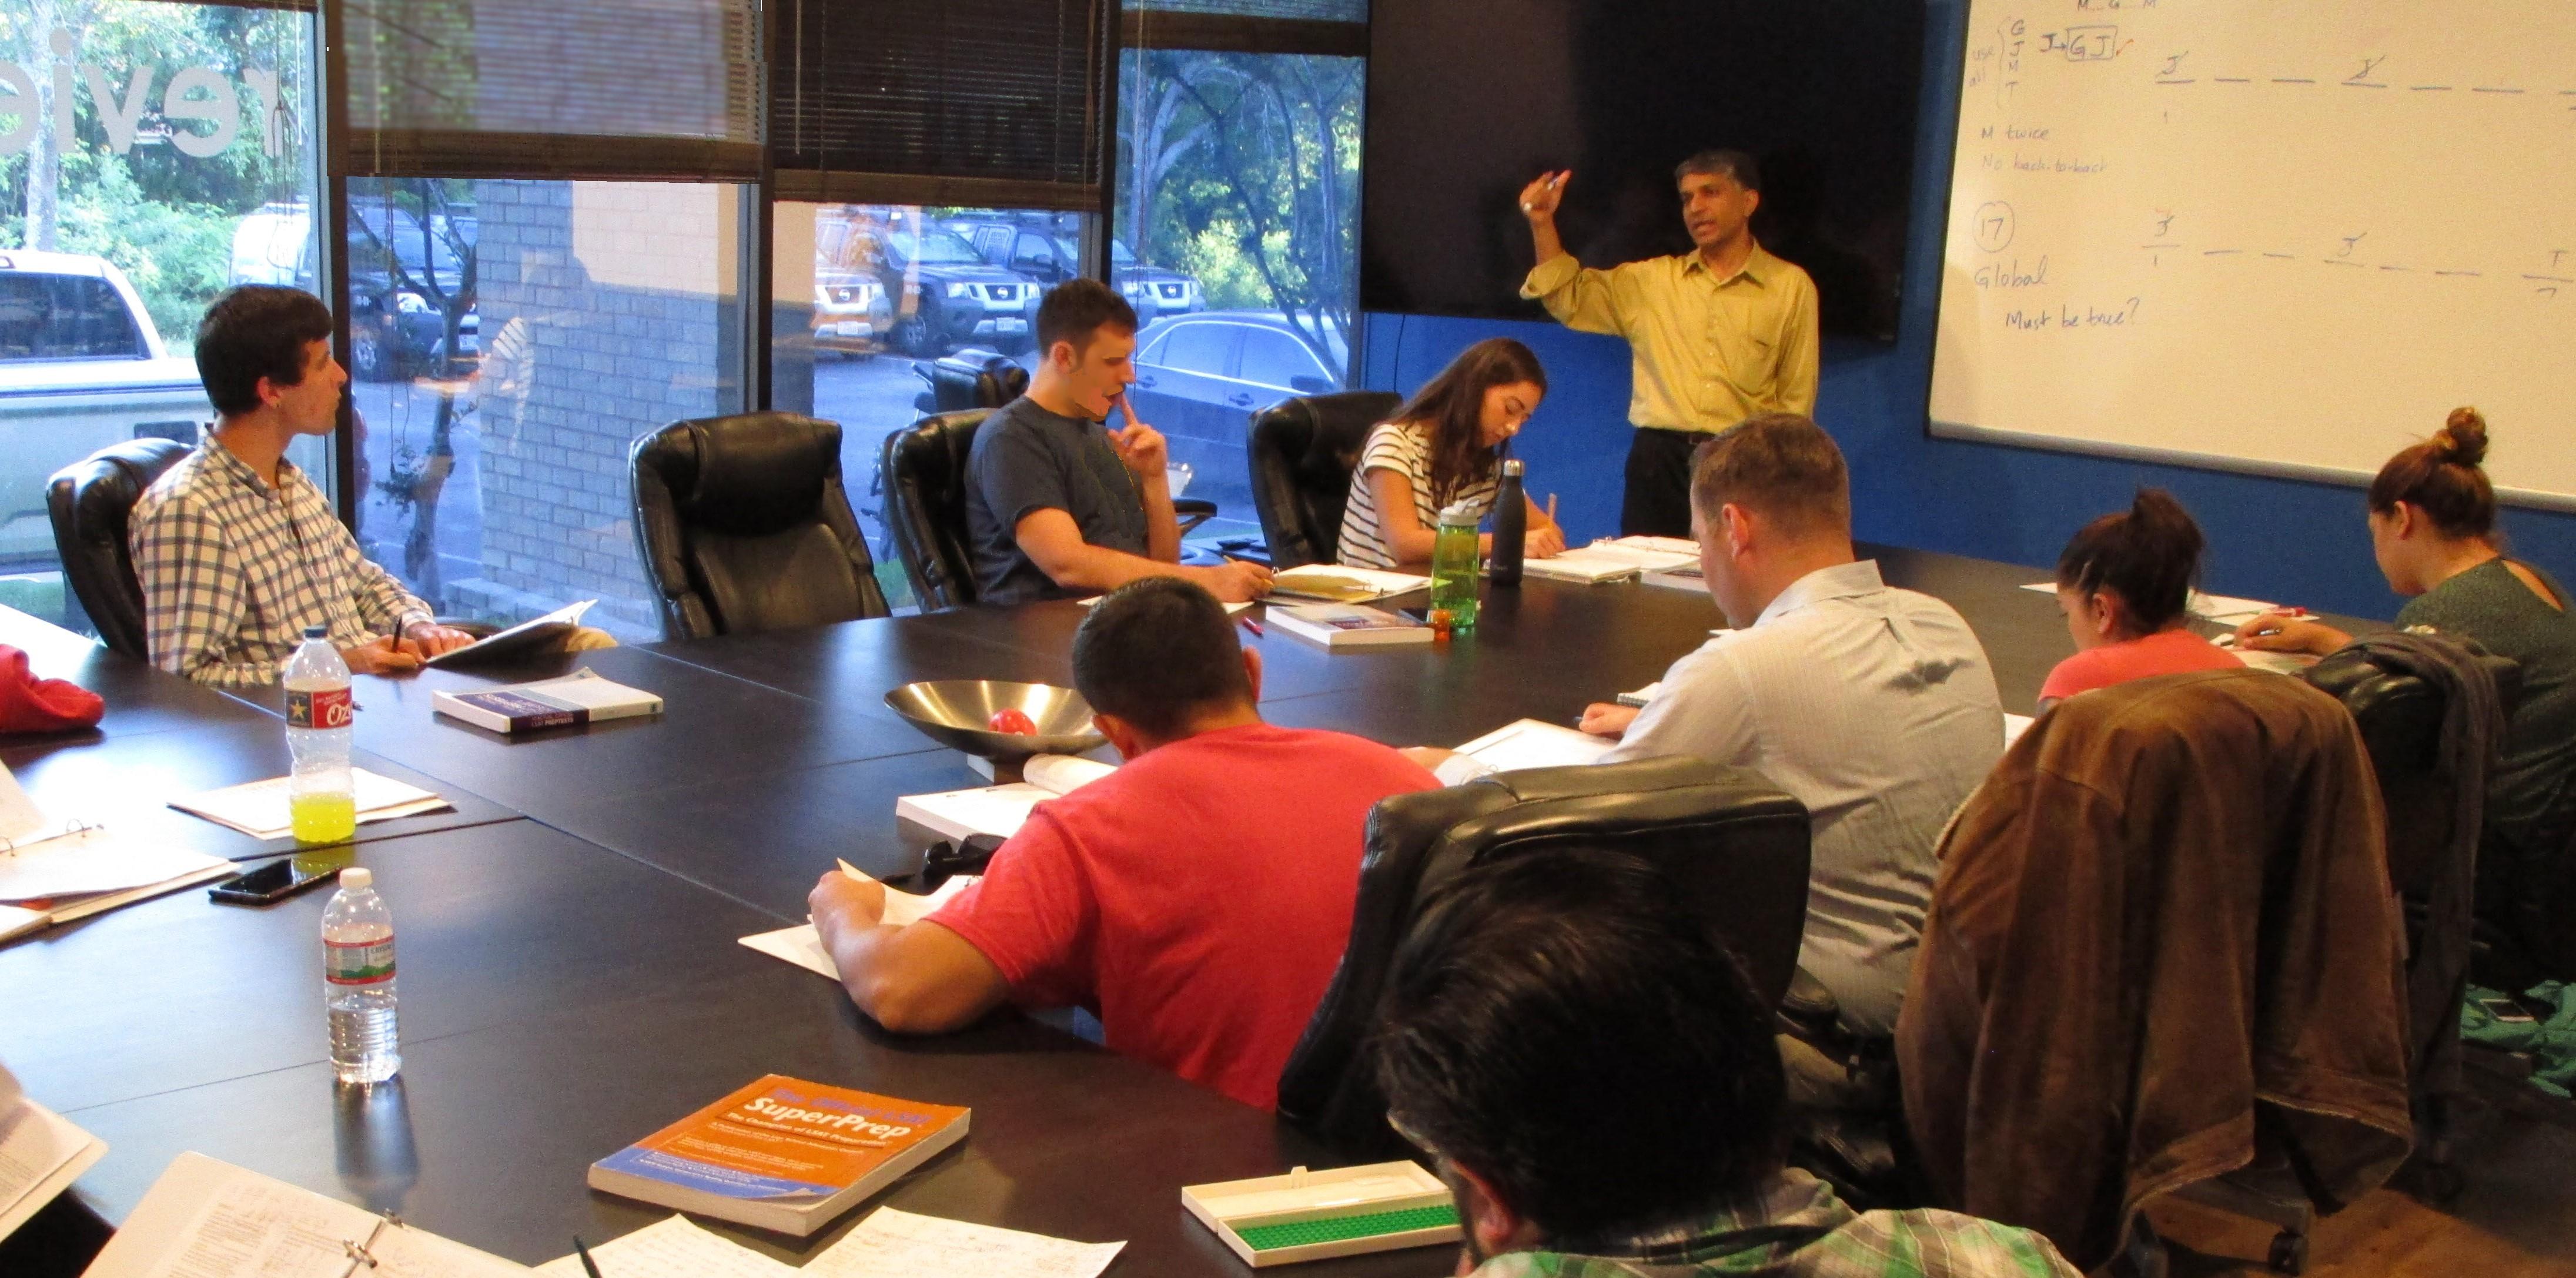 Students attending Austin LSAT Prep course